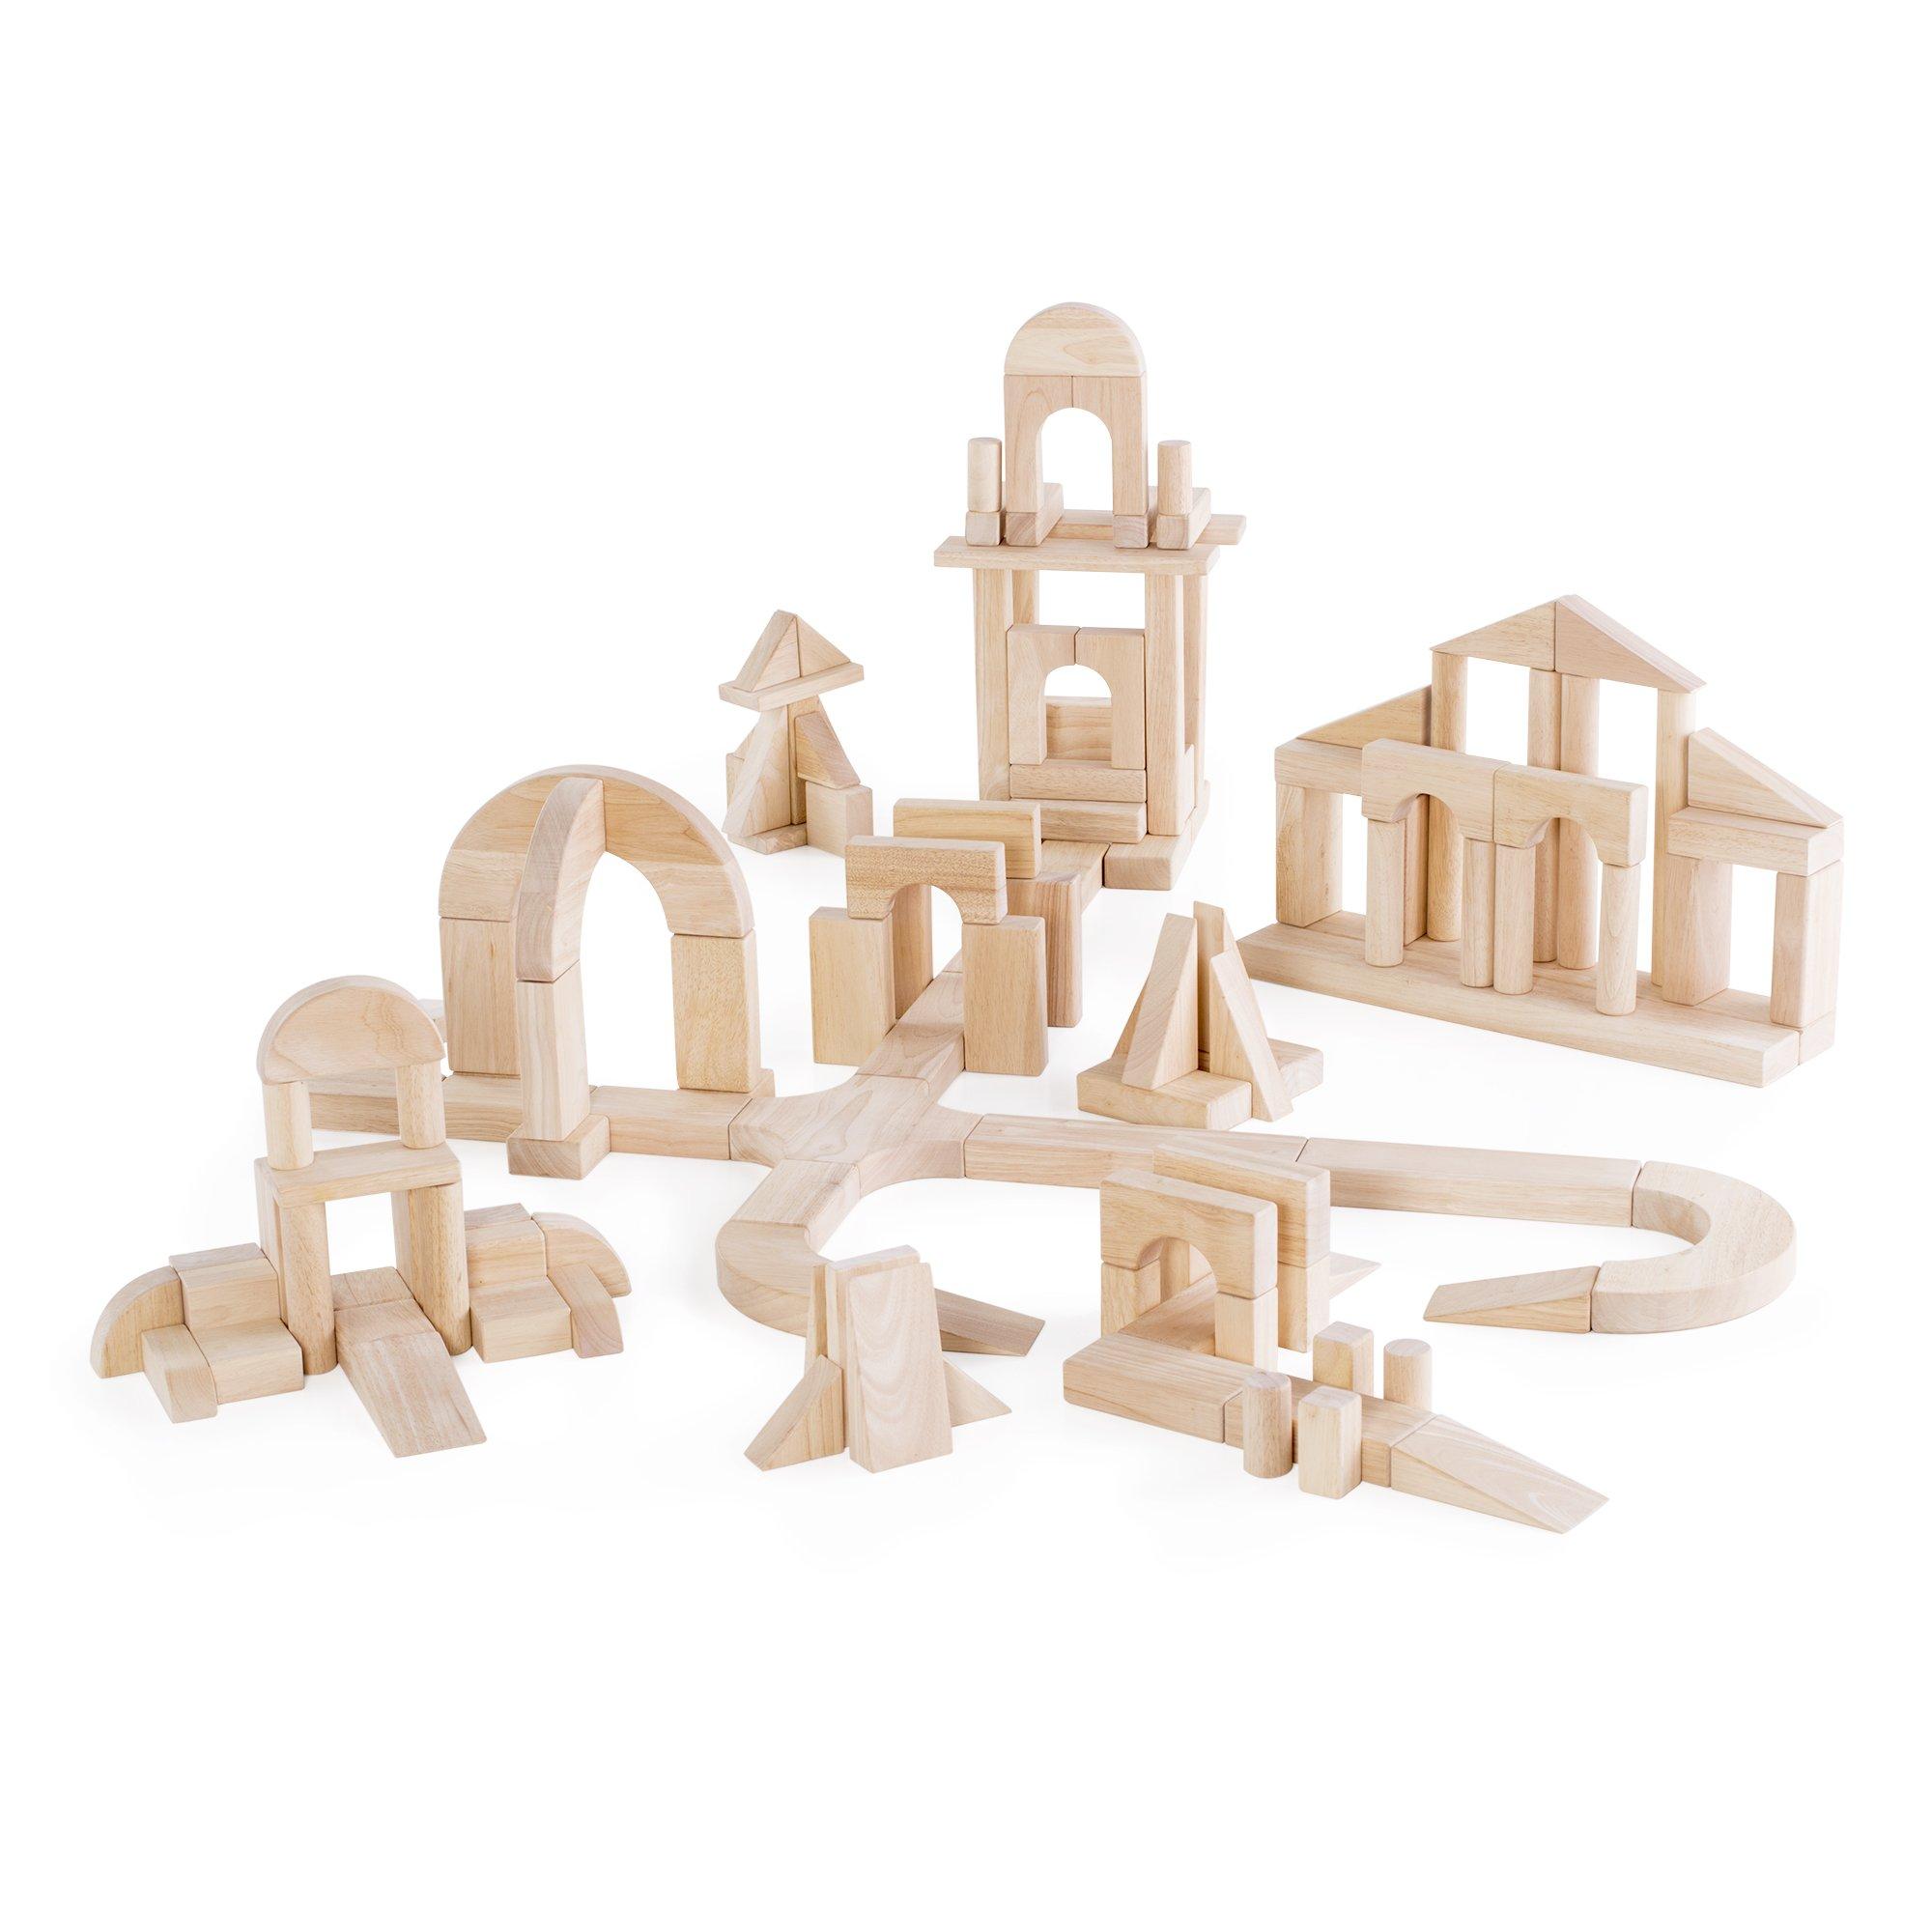 Guidecraft Unit Blocks Set D – 135 Piece Set - STEM Educational Toy for Kids